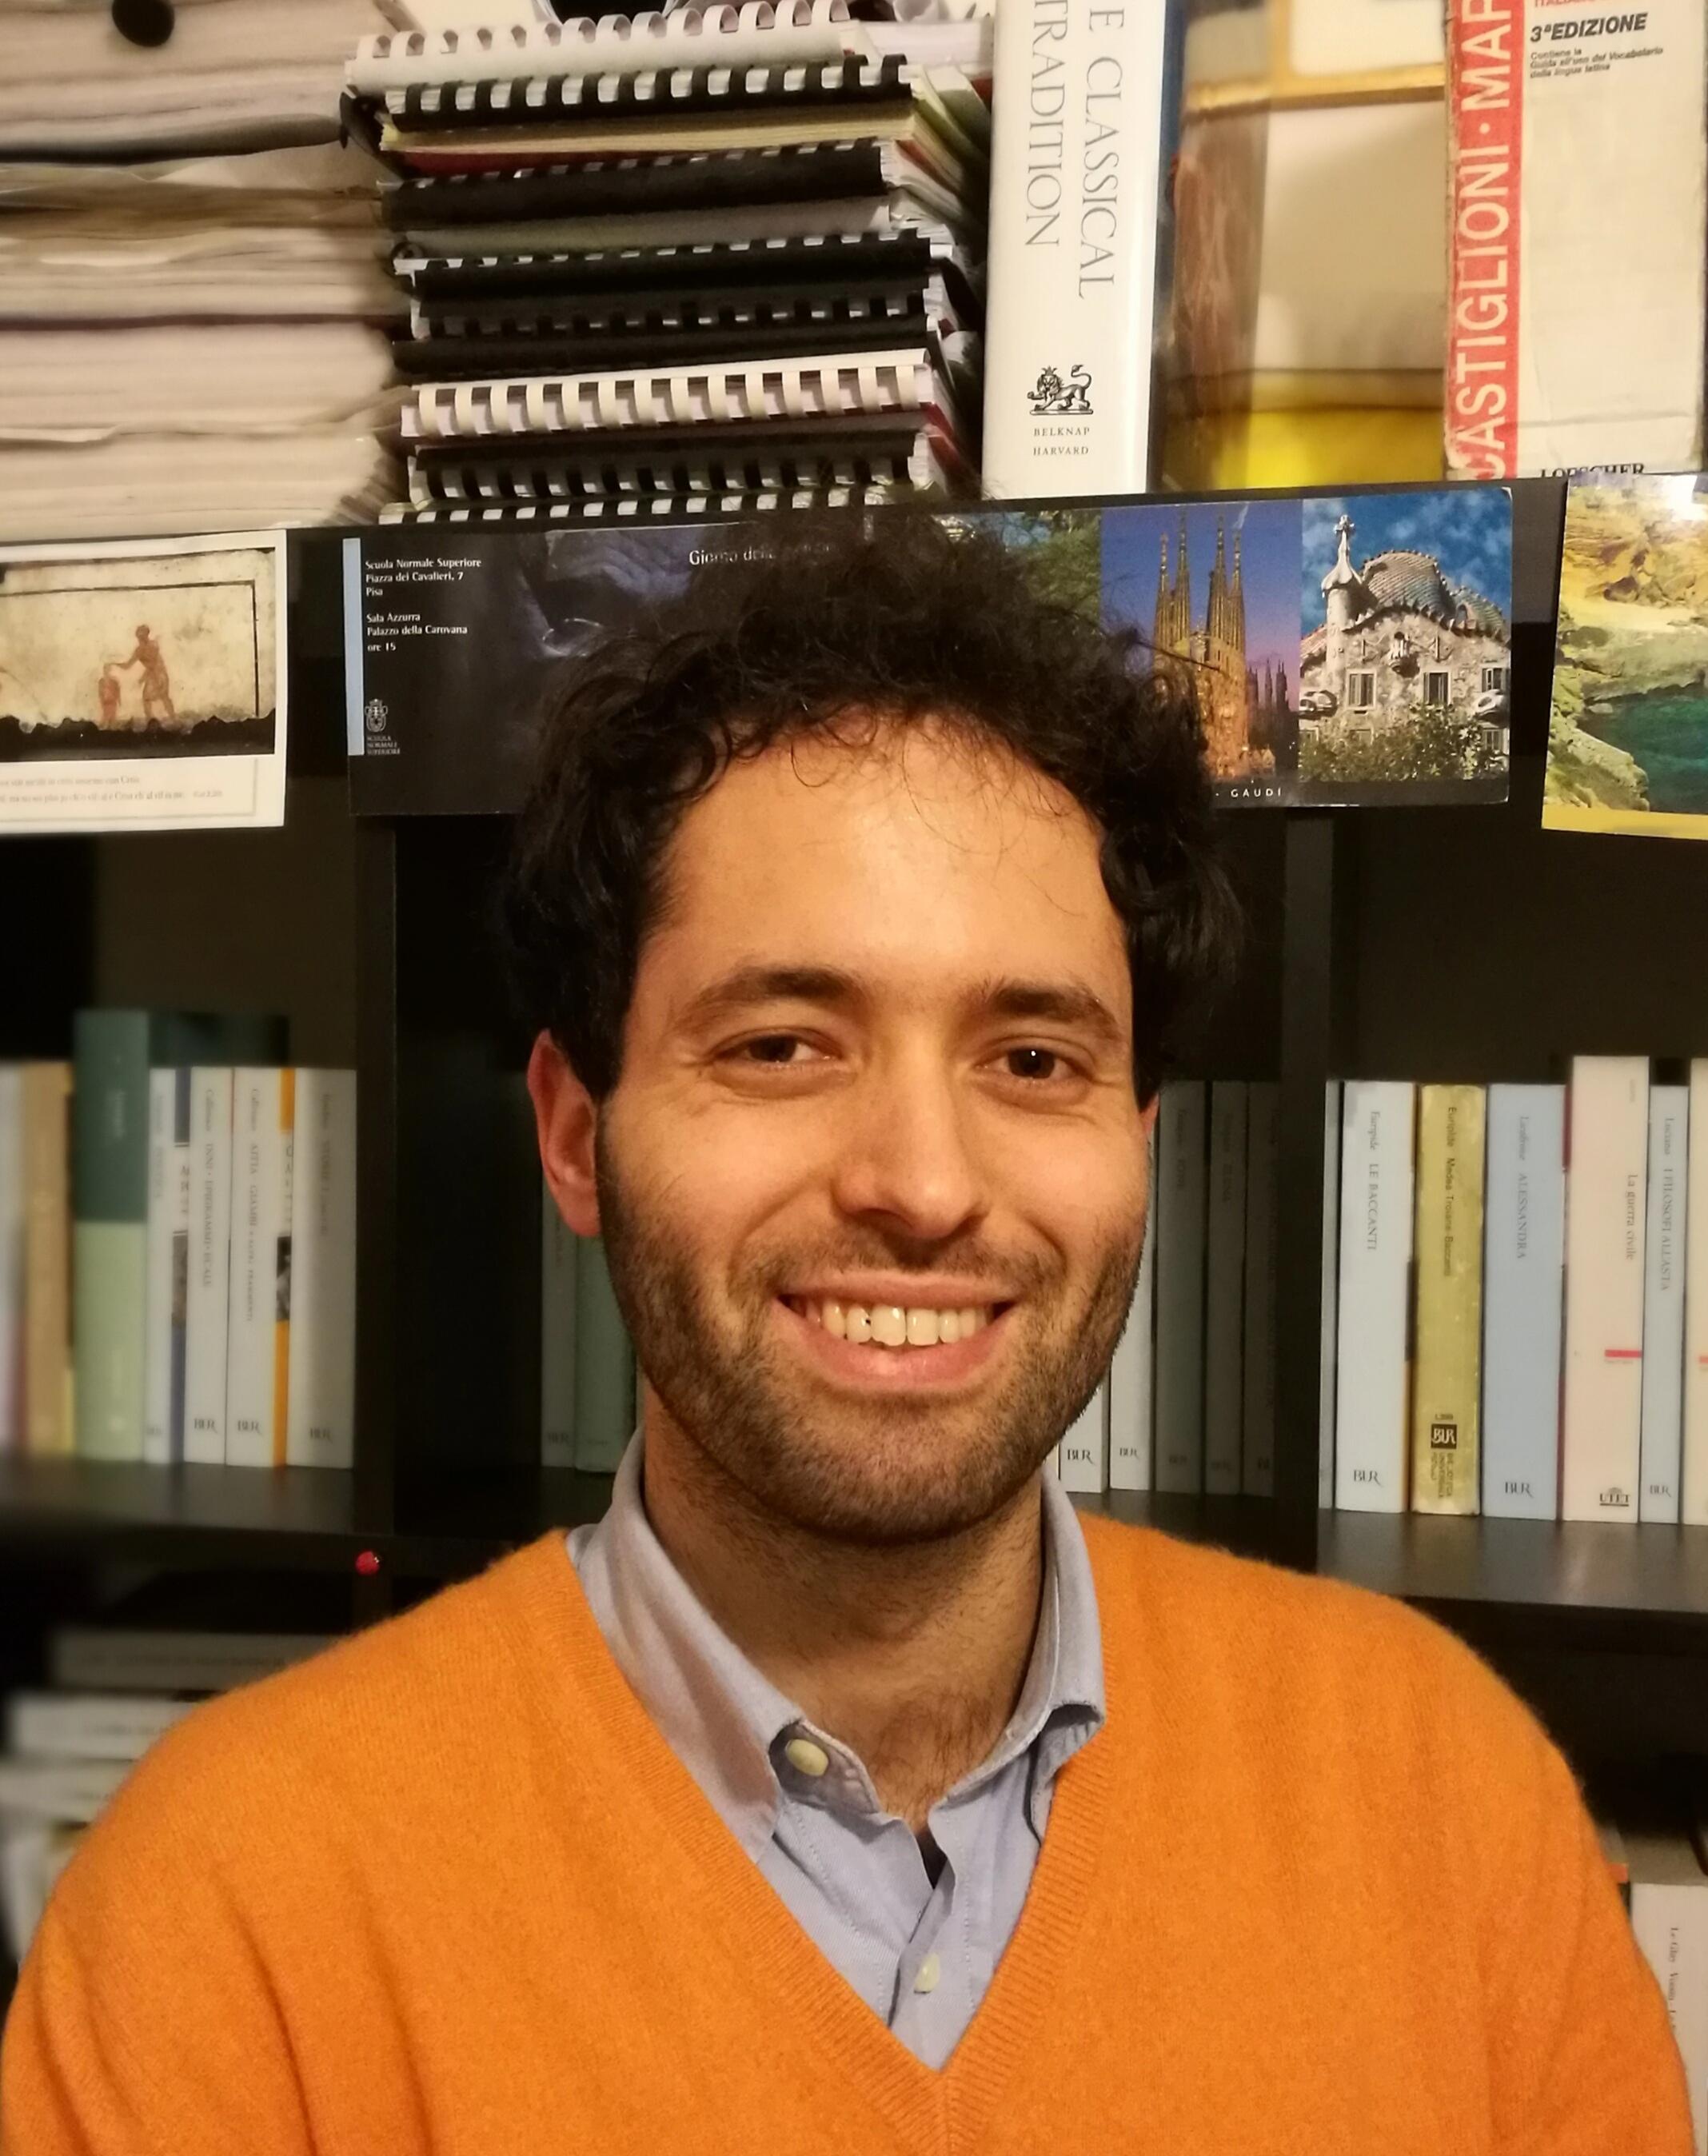 Francisco Morosi Scuola Normale Superiore di Pisa